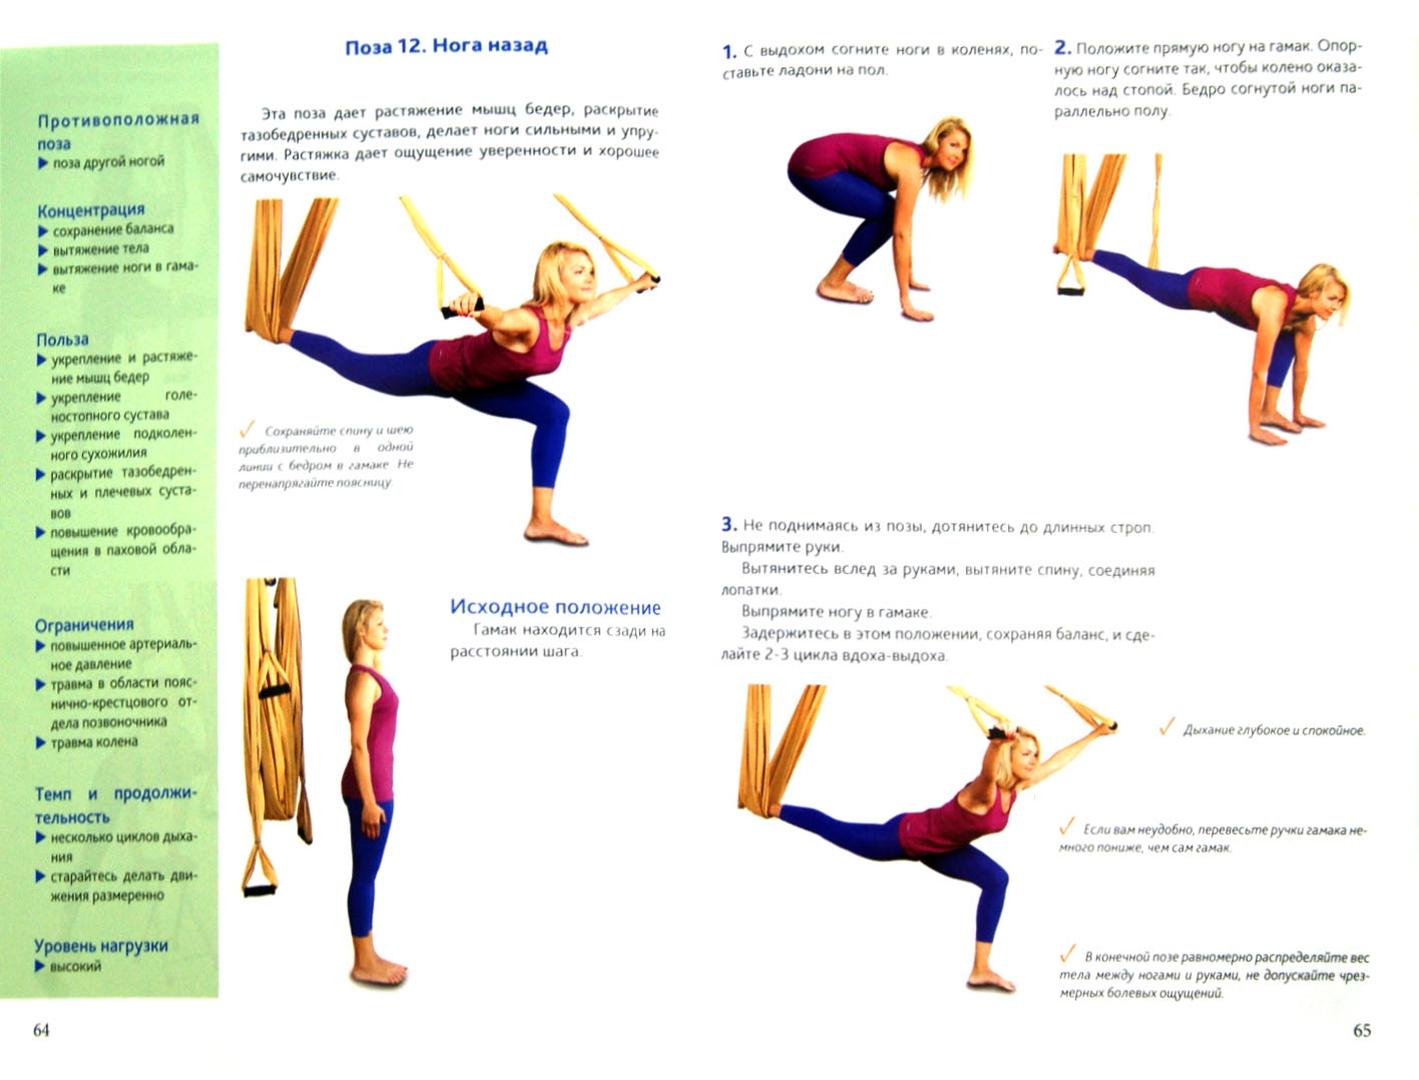 упражнения для похудения спины и рук в картинках зерна злаков